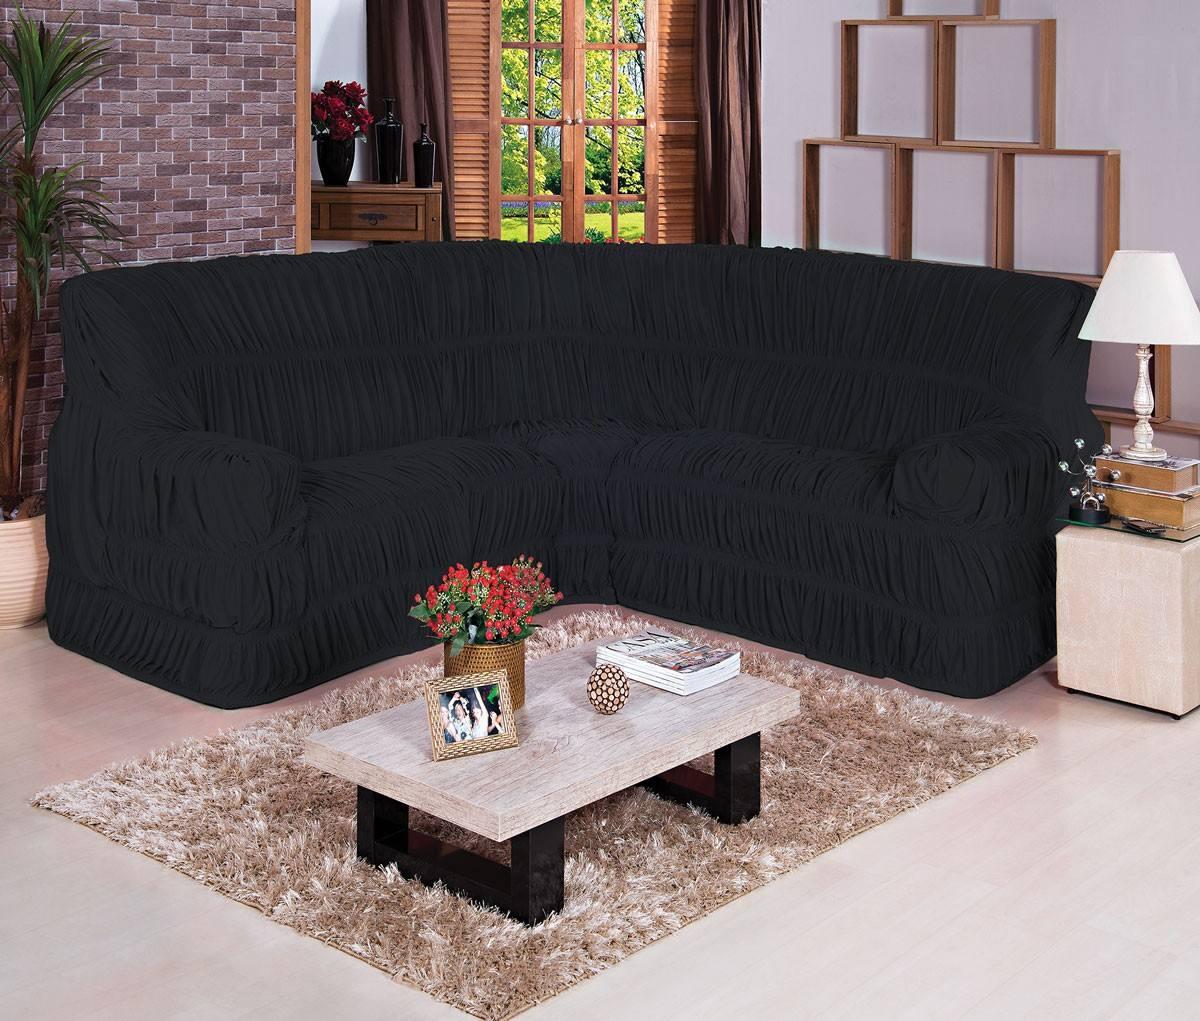 Sala Com Sofa De Canto Beautiful Sofas L Sof Adaxus Canto Em L  -> Estofados De Canto Confortavel Para Sala Pequena